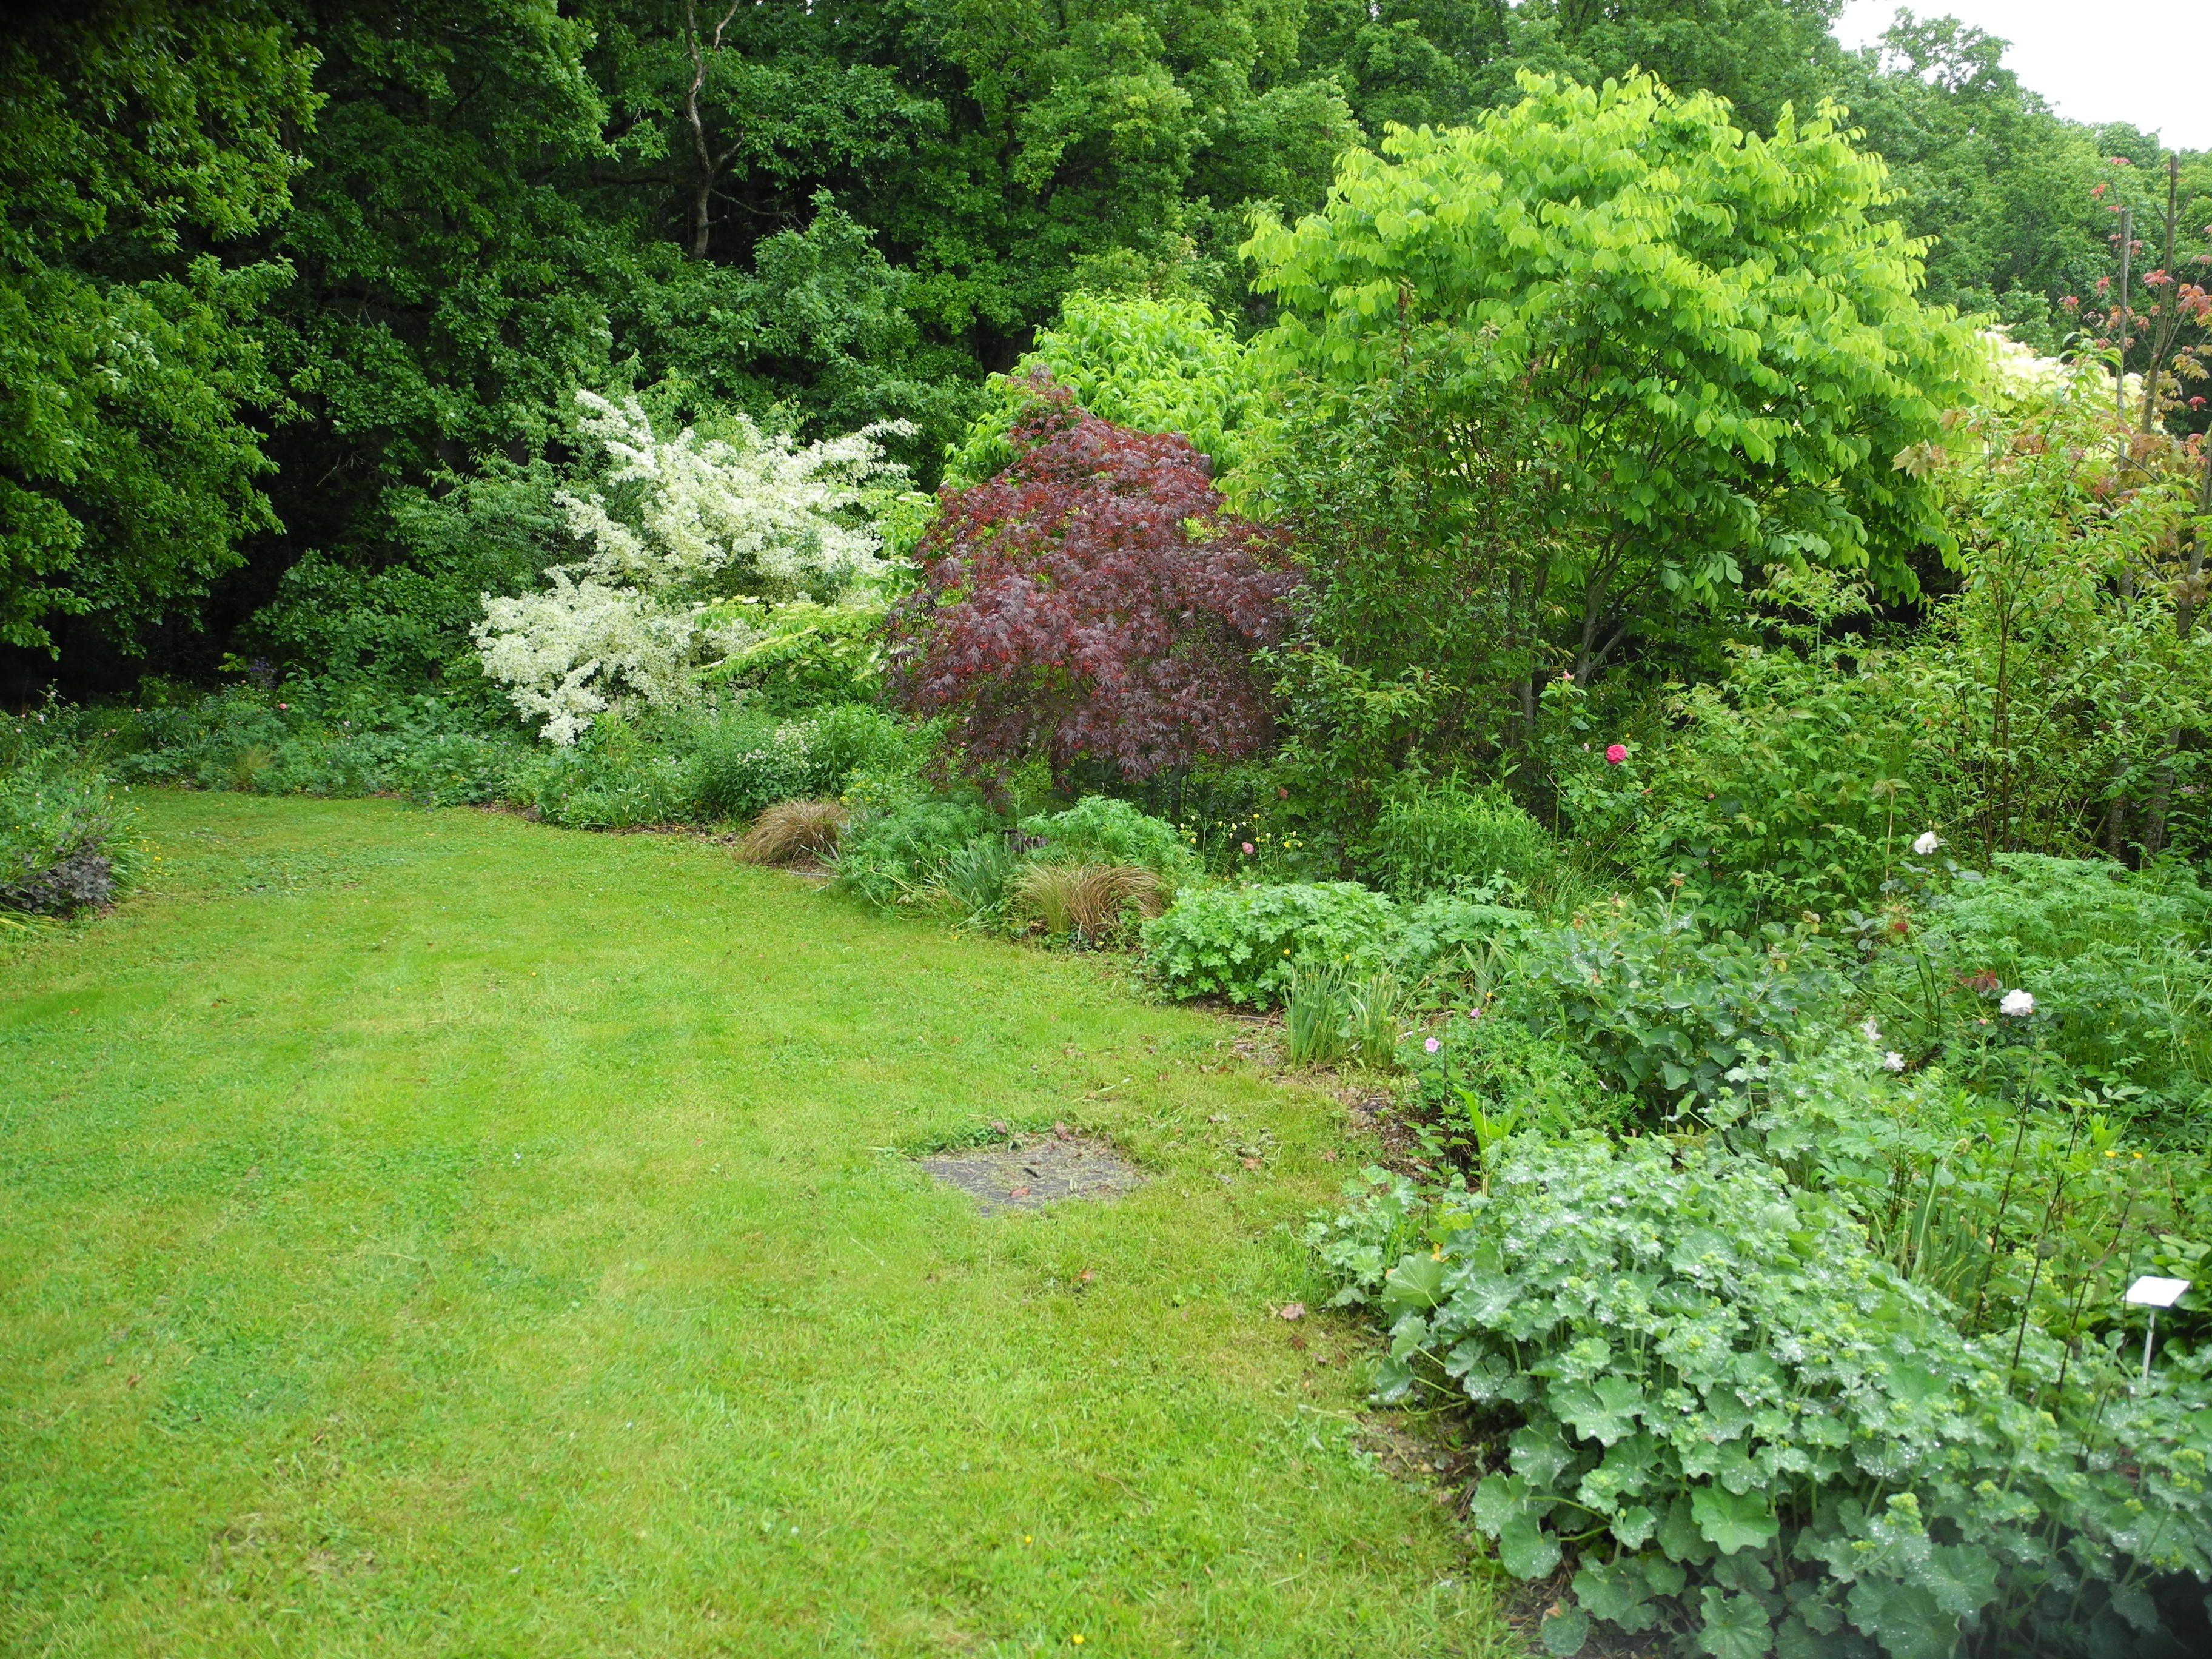 Le parc le parc de la clef for Jardin hildegarde